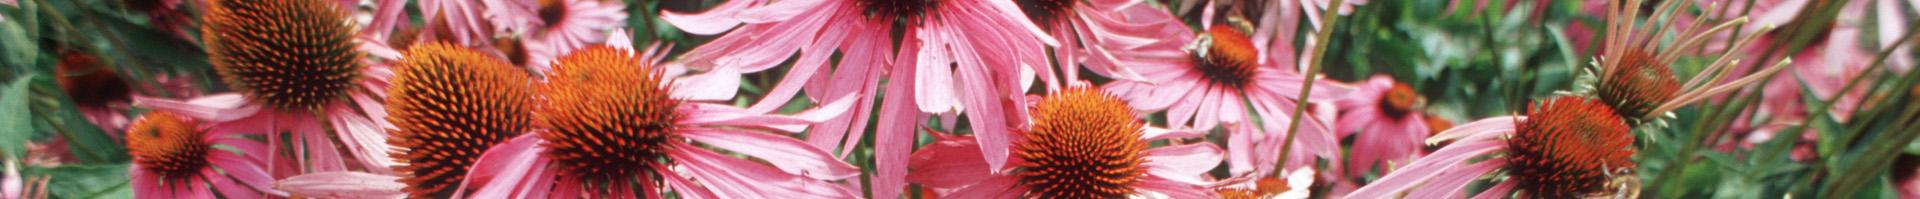 Heilpflanze, Purpursonnenhutkraut